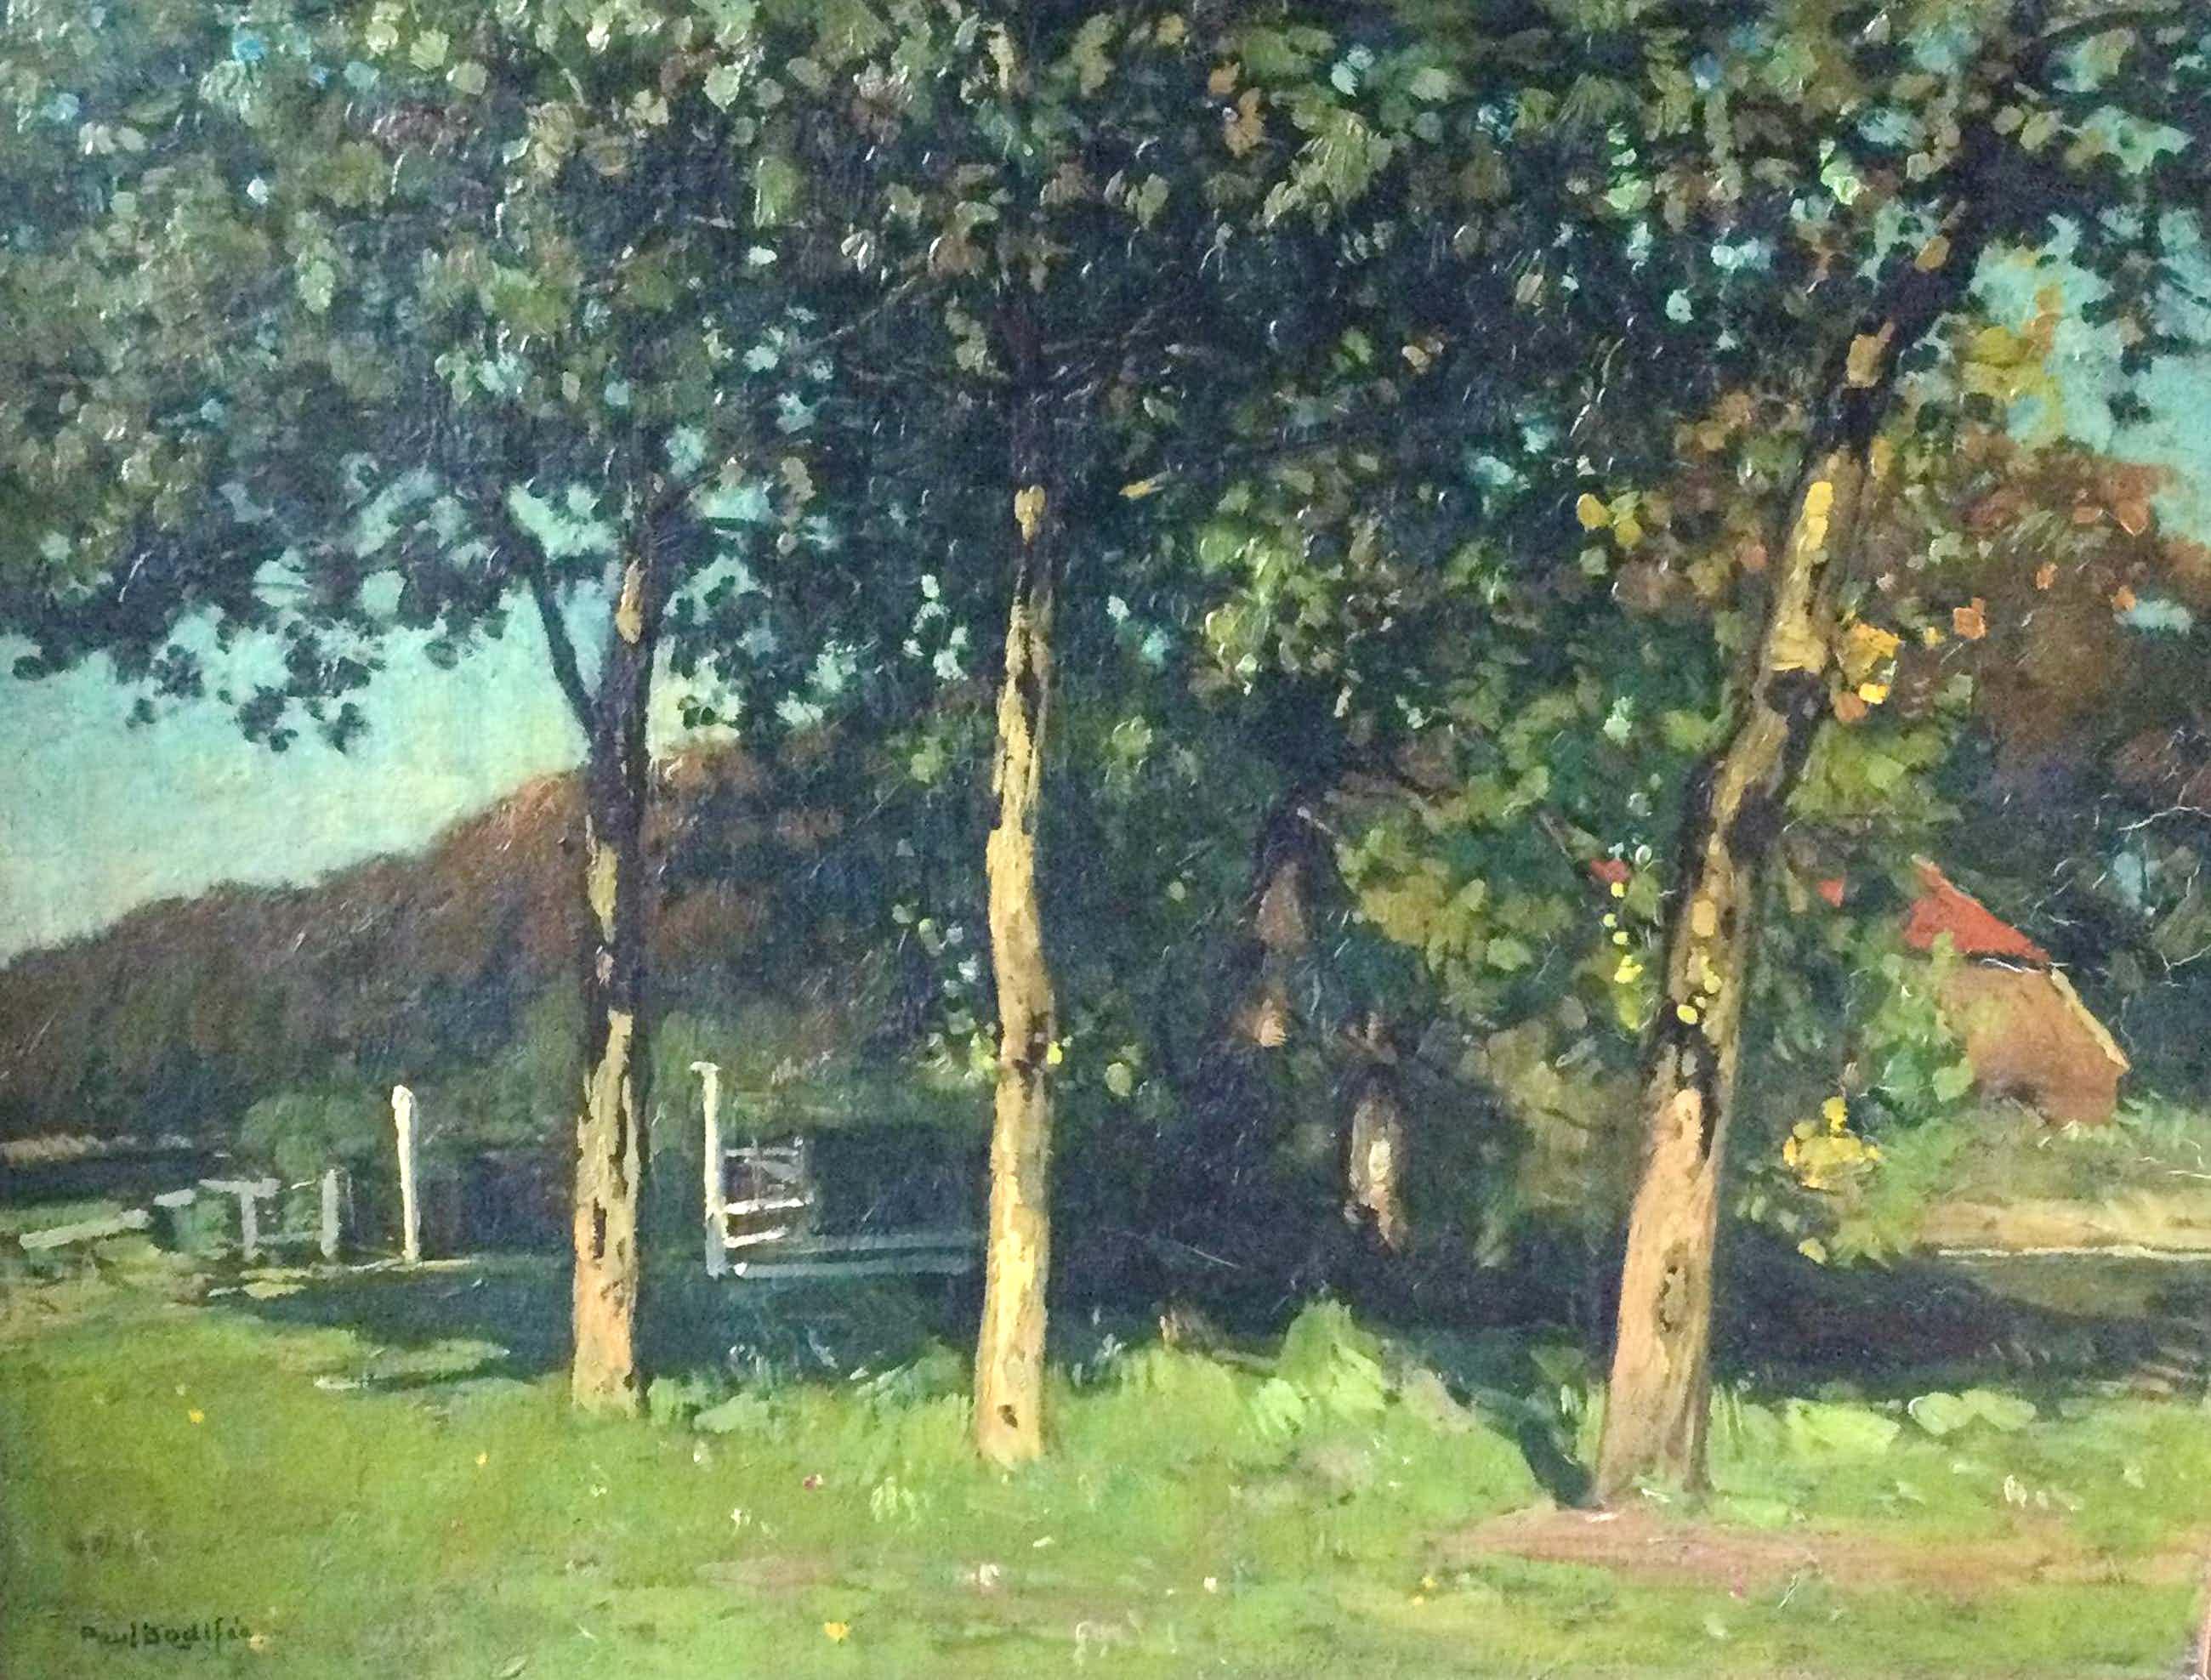 Paul Bodifee - 9007-6, Boerderij achter de bomen kopen? Bied vanaf 650!